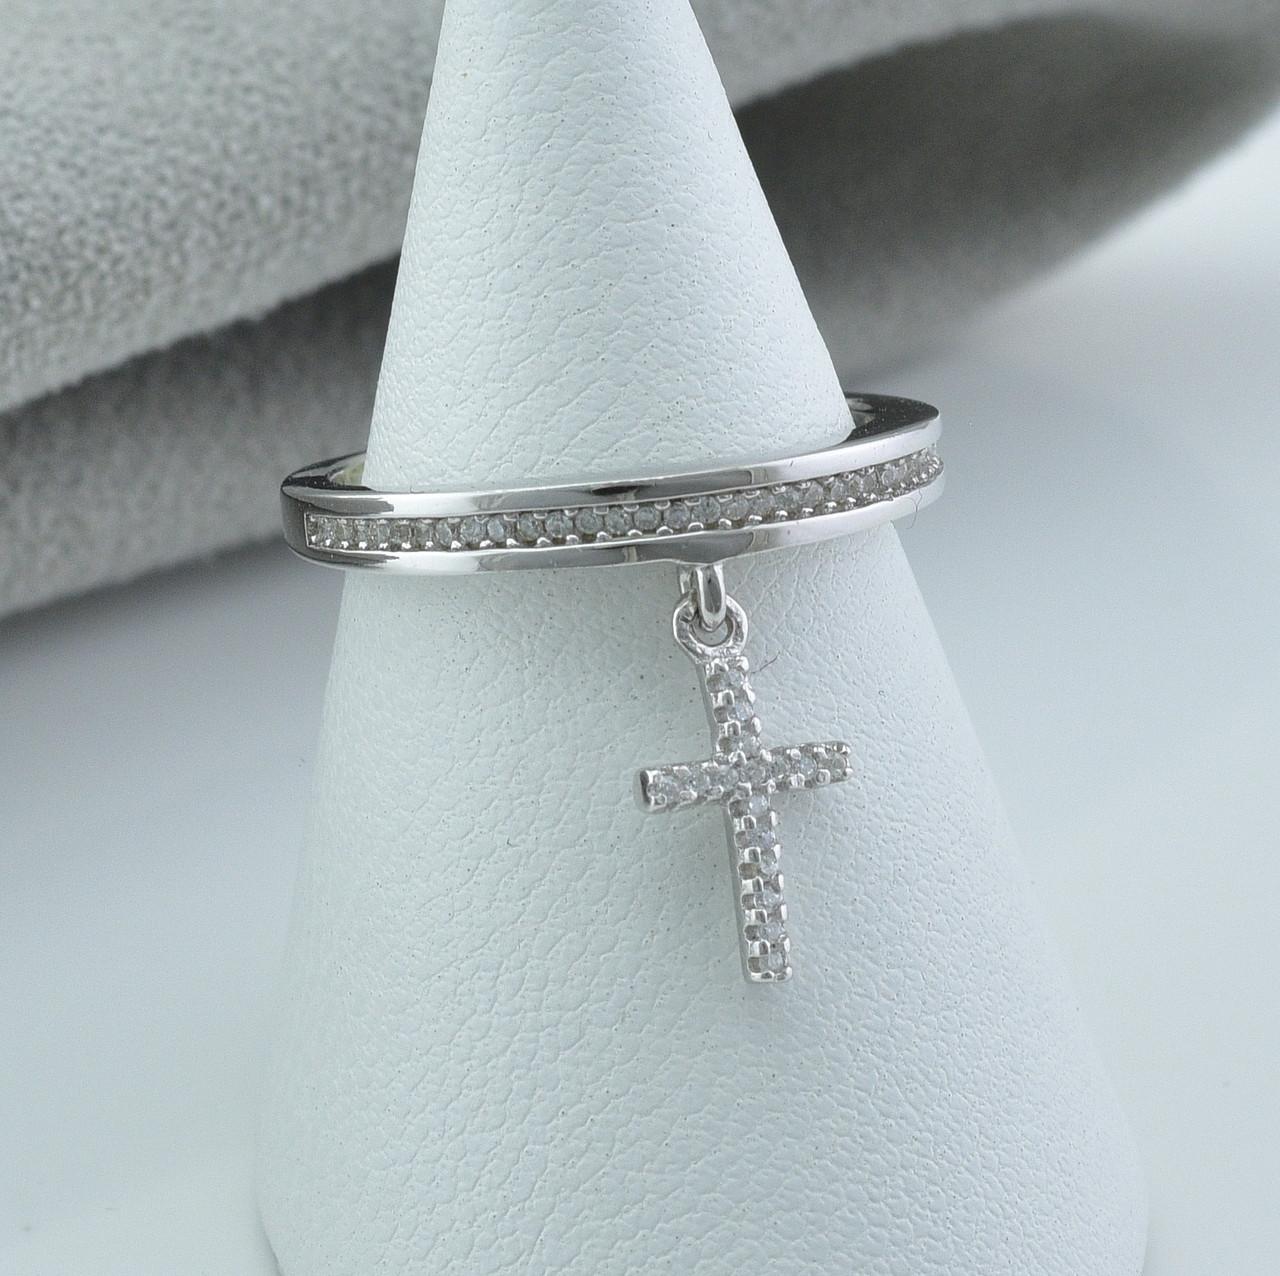 Серебряное кольцо размер 20.5 вставка белые фианиты вес 2.6 г